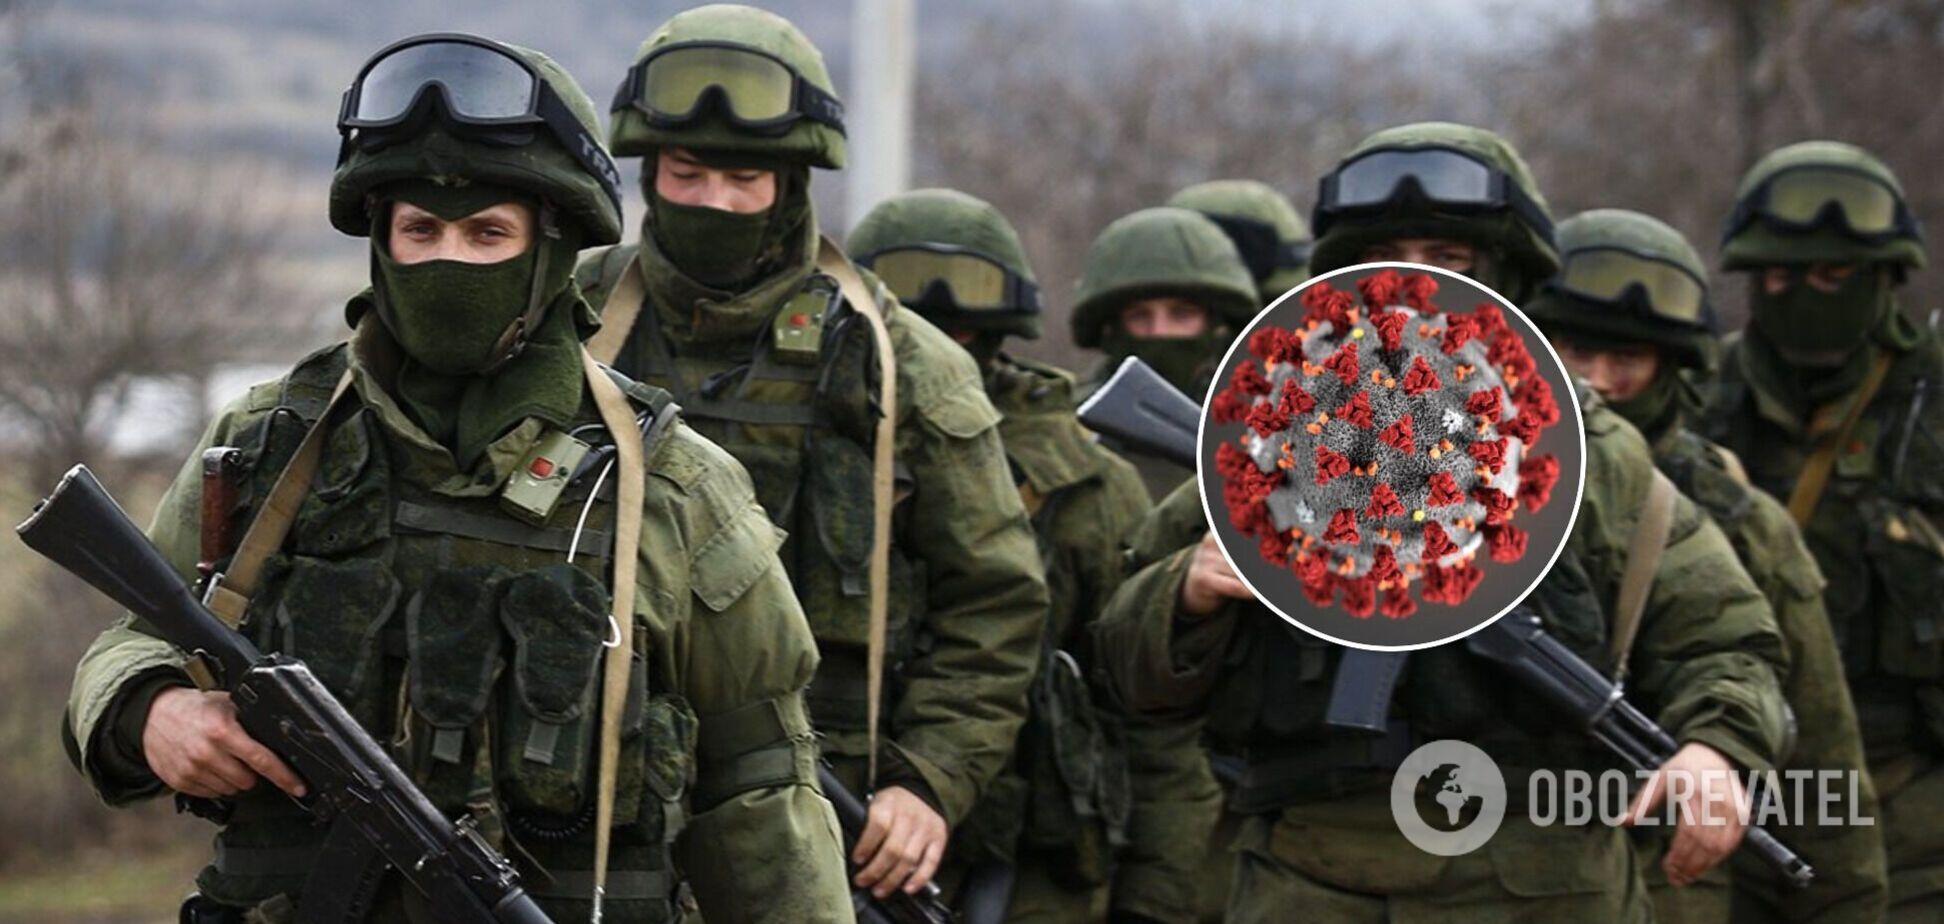 Резніков: Росія хотіла використовувати епідемію COVID-19 для легалізації військ на Донбасі